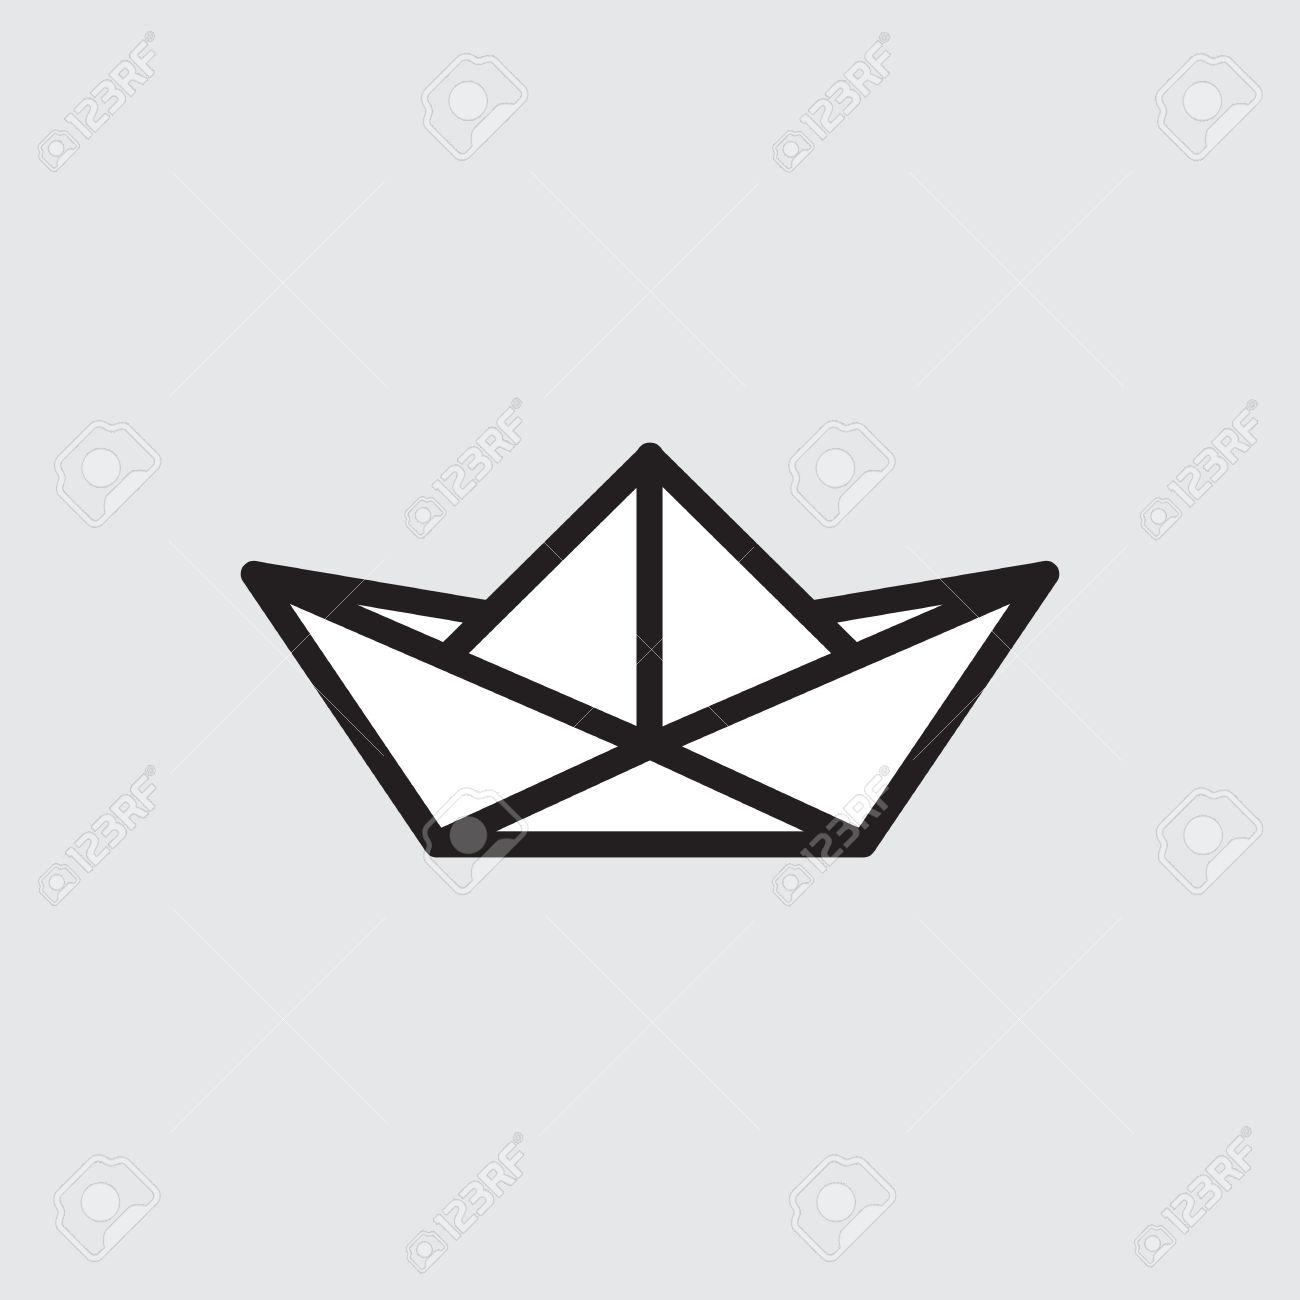 Origami Boat Stock Vector